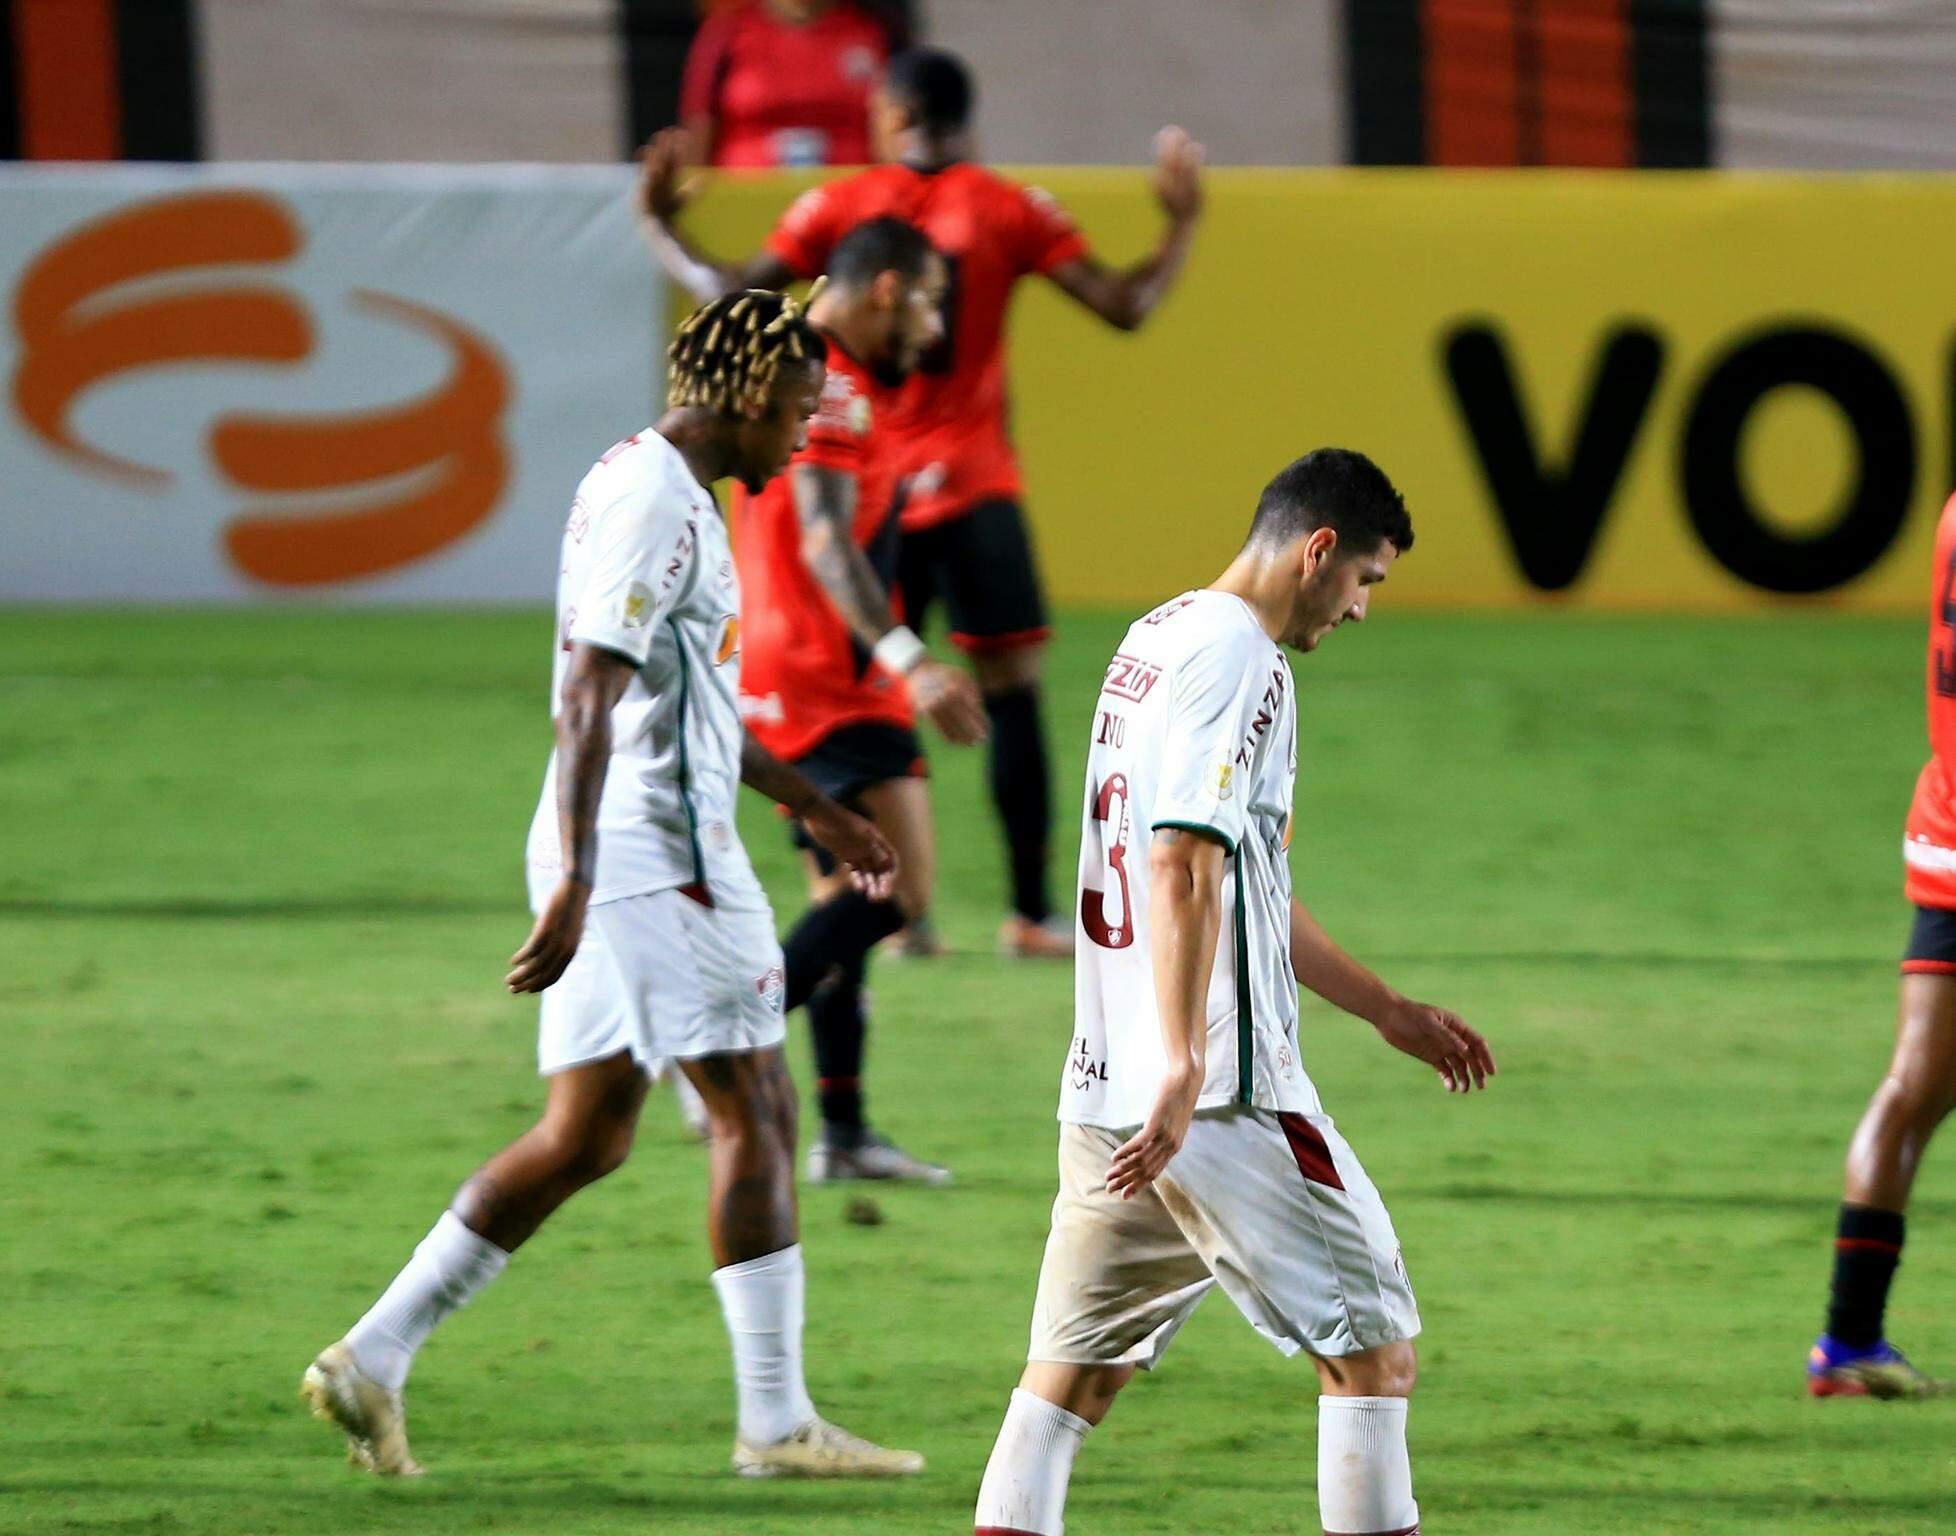 Jogadores durante a partida desta noite. (Foto: Estadão Conteúdo)